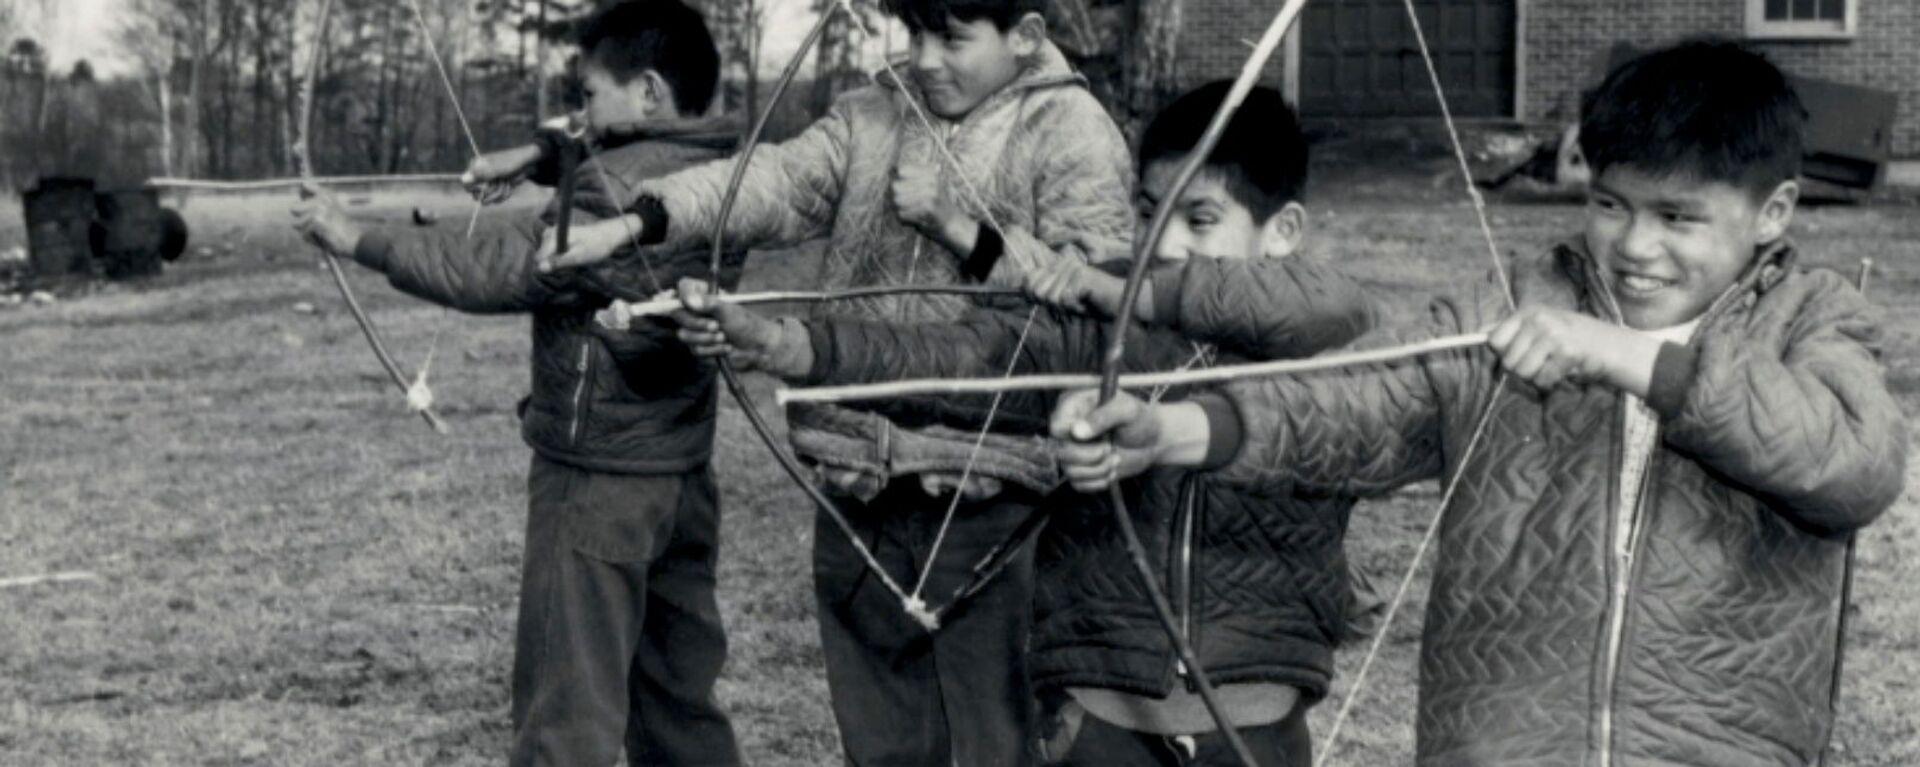 Alunni in un istituto residenziale canadese - Sputnik Italia, 1920, 27.06.2021